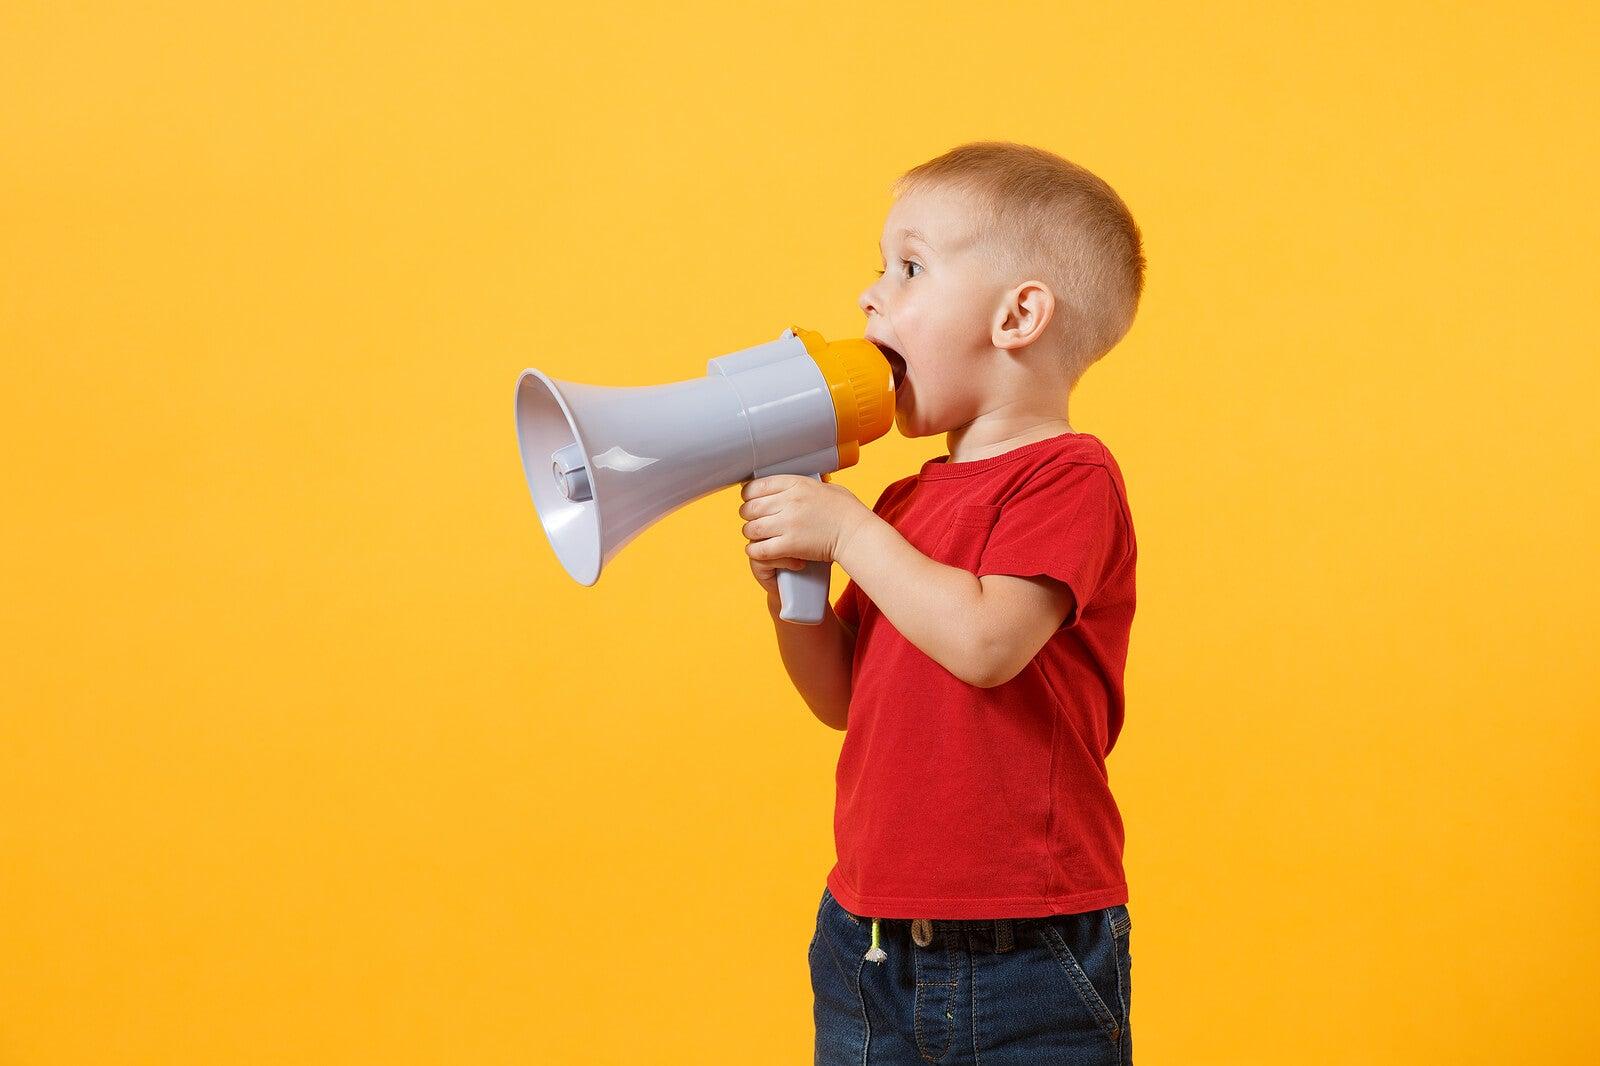 Niño hablando con un megáfono para el desarrollo el lenguaje entre 1-2 años.